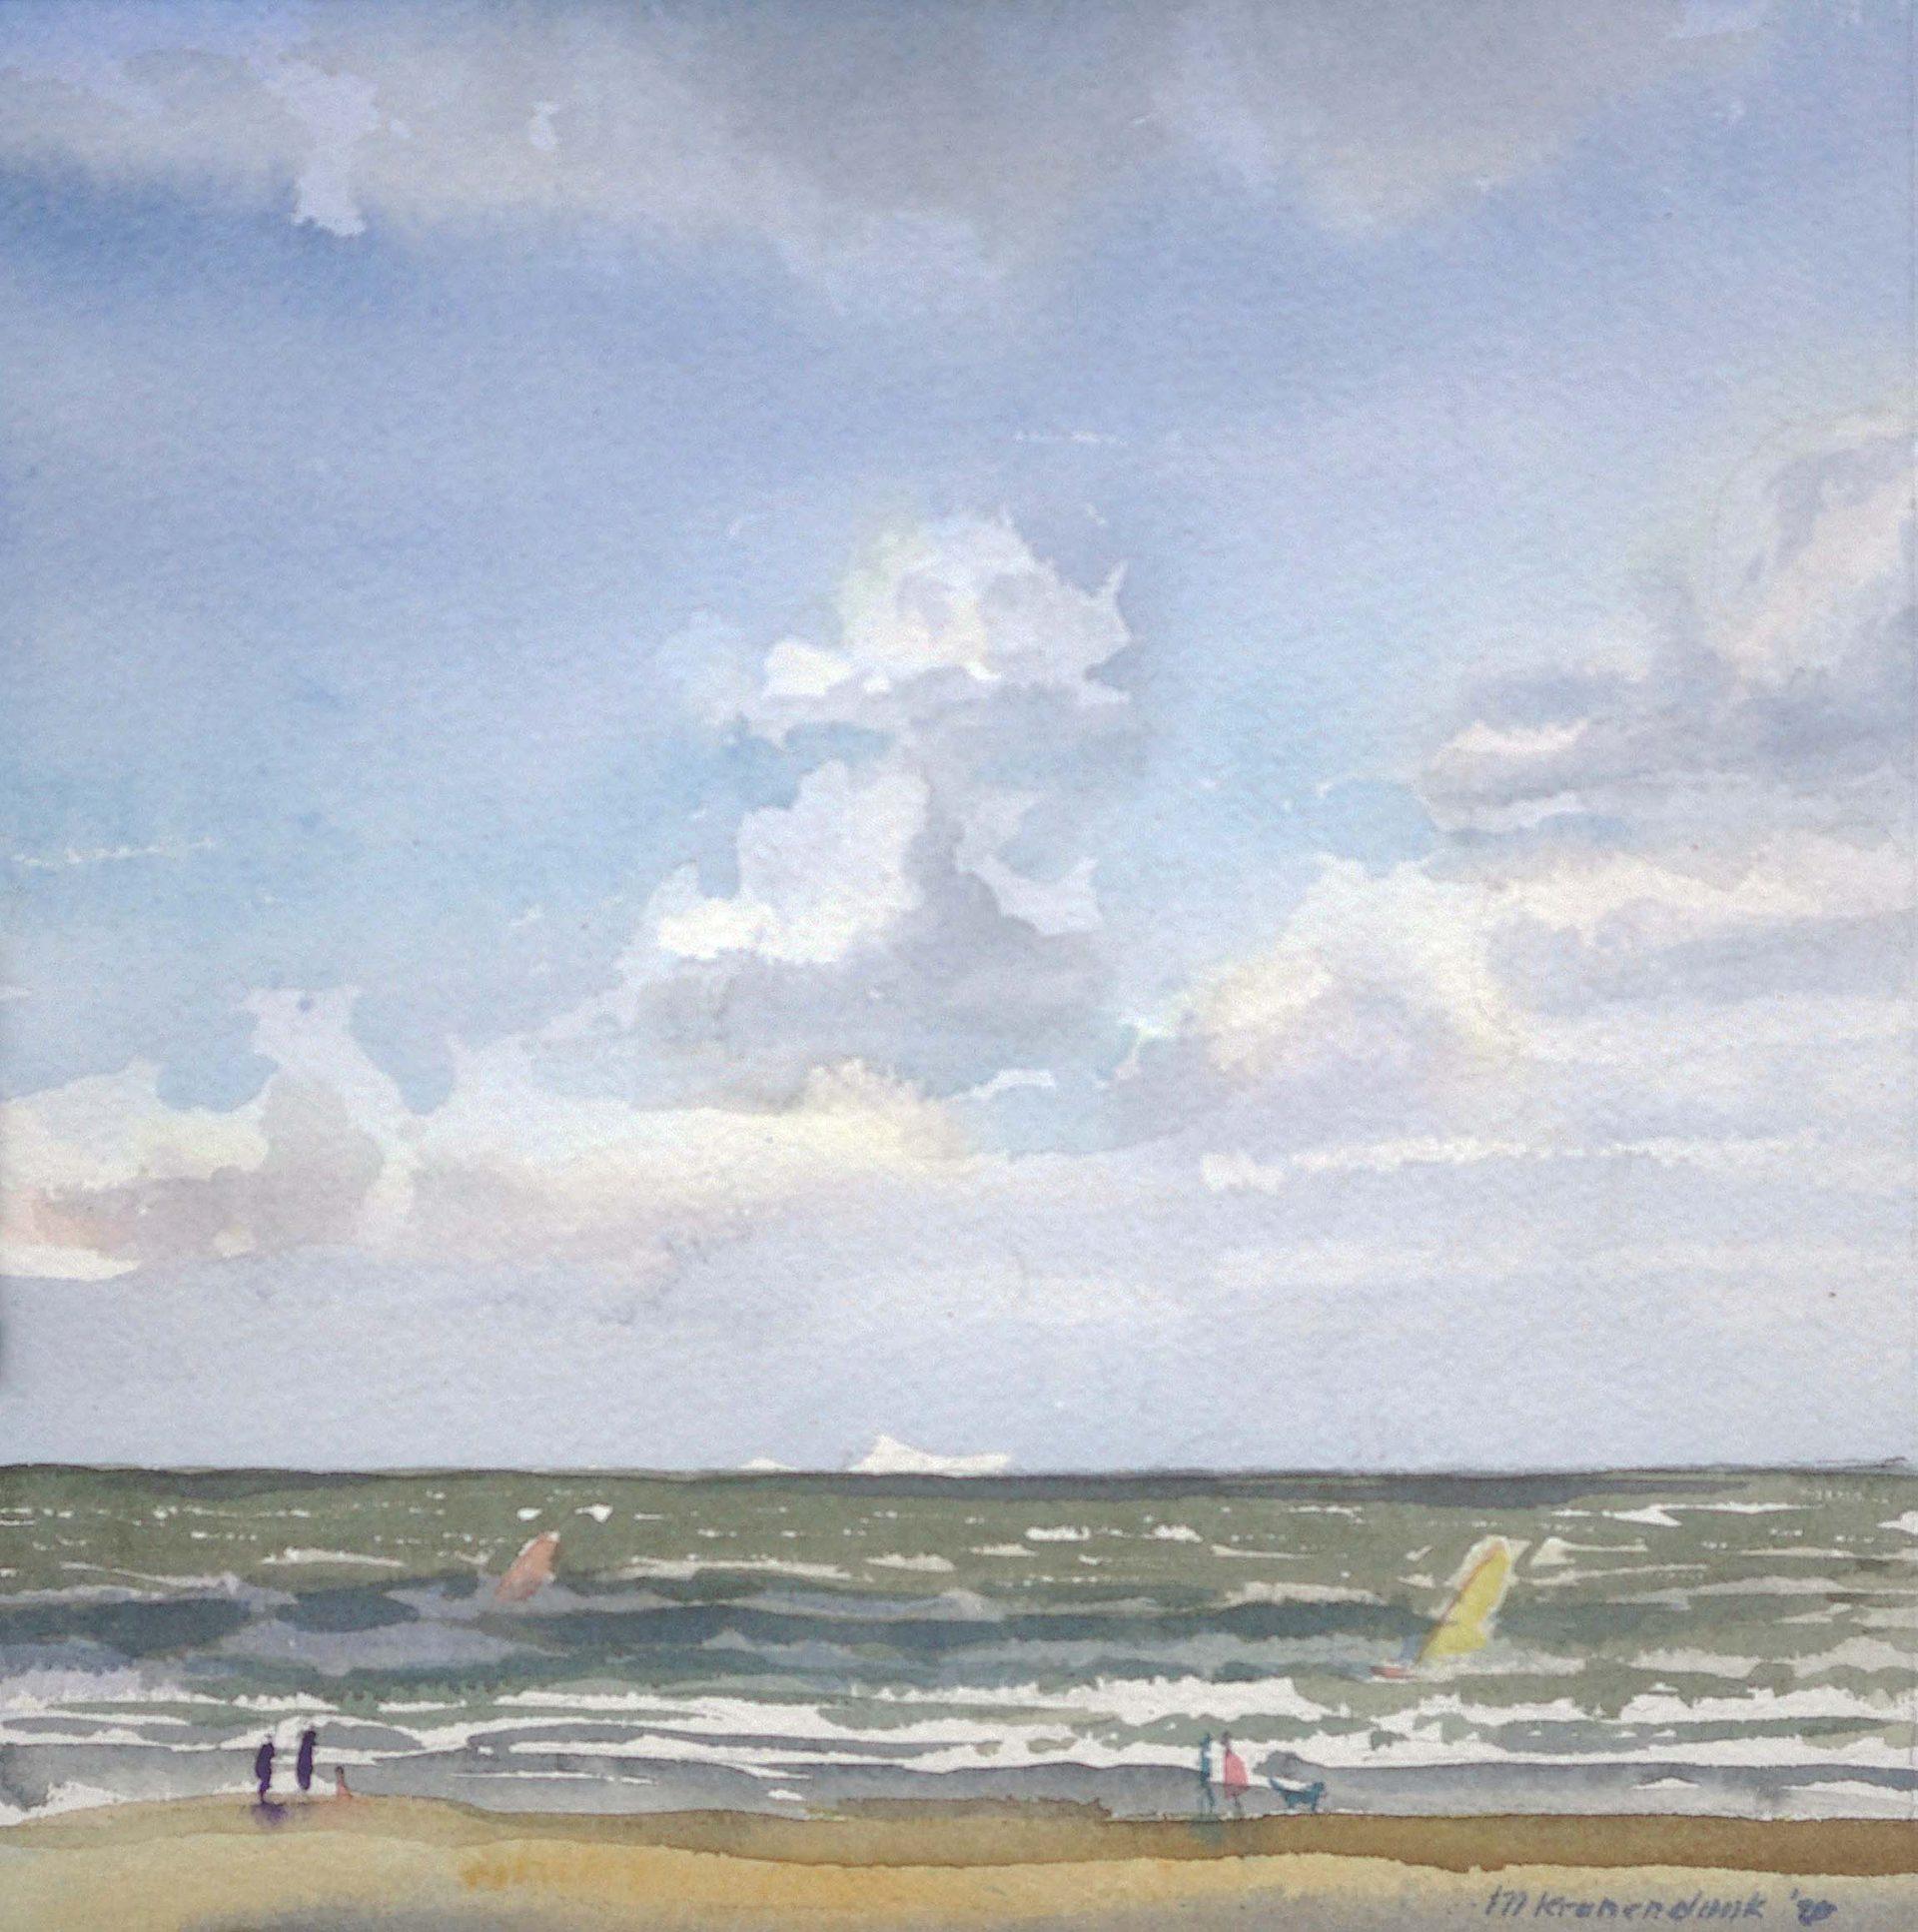 aquarel van zee met koppen en branding en surfers harde wind.Nederlands strandgezicht